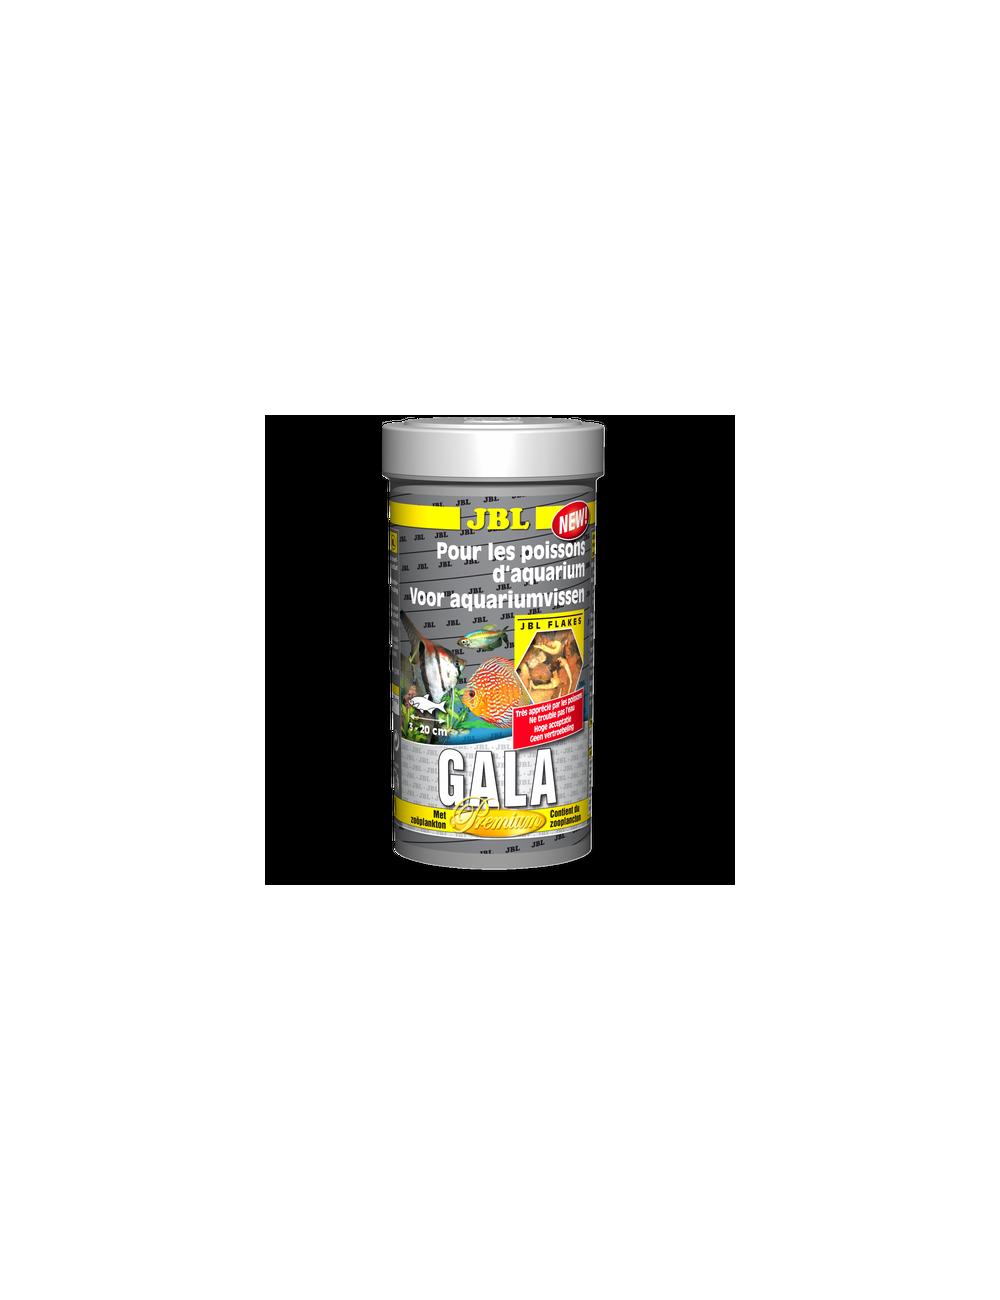 JBL - Gala - Aliment de base Premium pour poissons d'aquarium